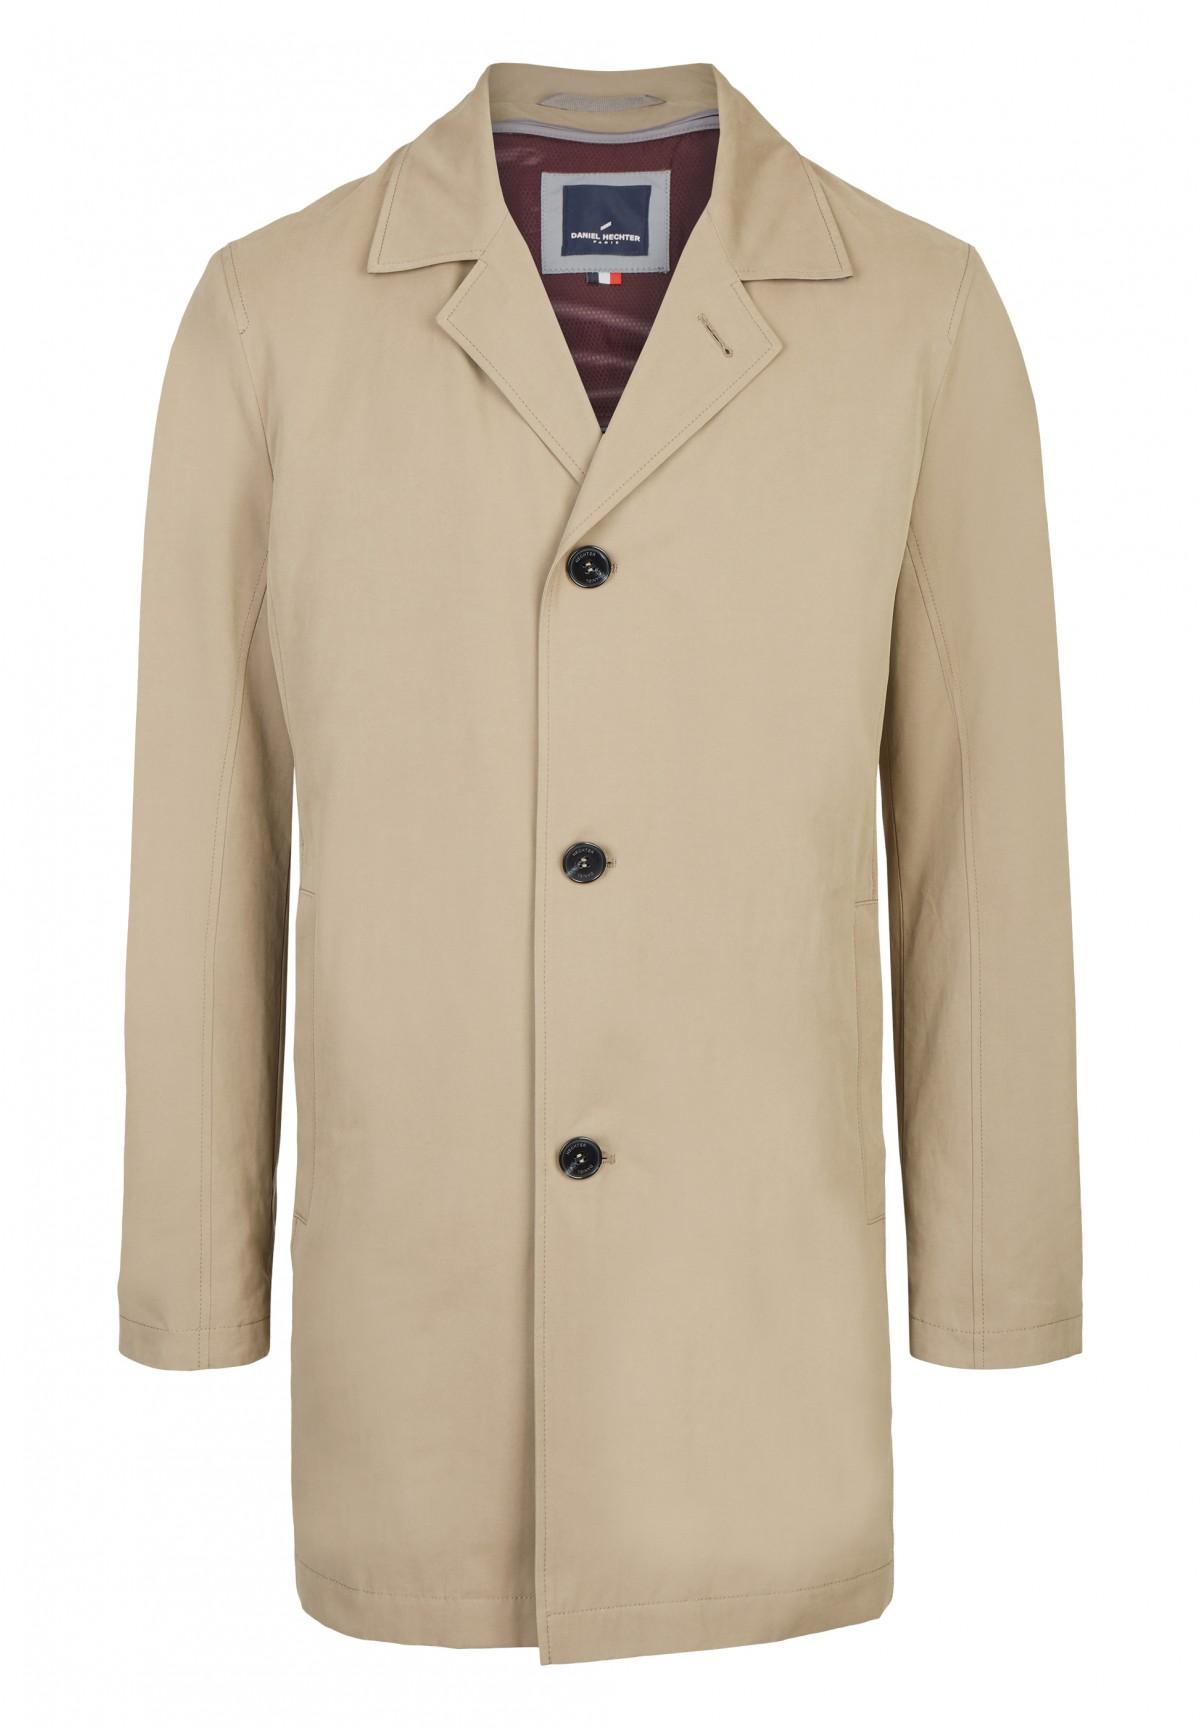 Manteau en Micotec combinant les propriétés du coton et des fibres synthétiques /